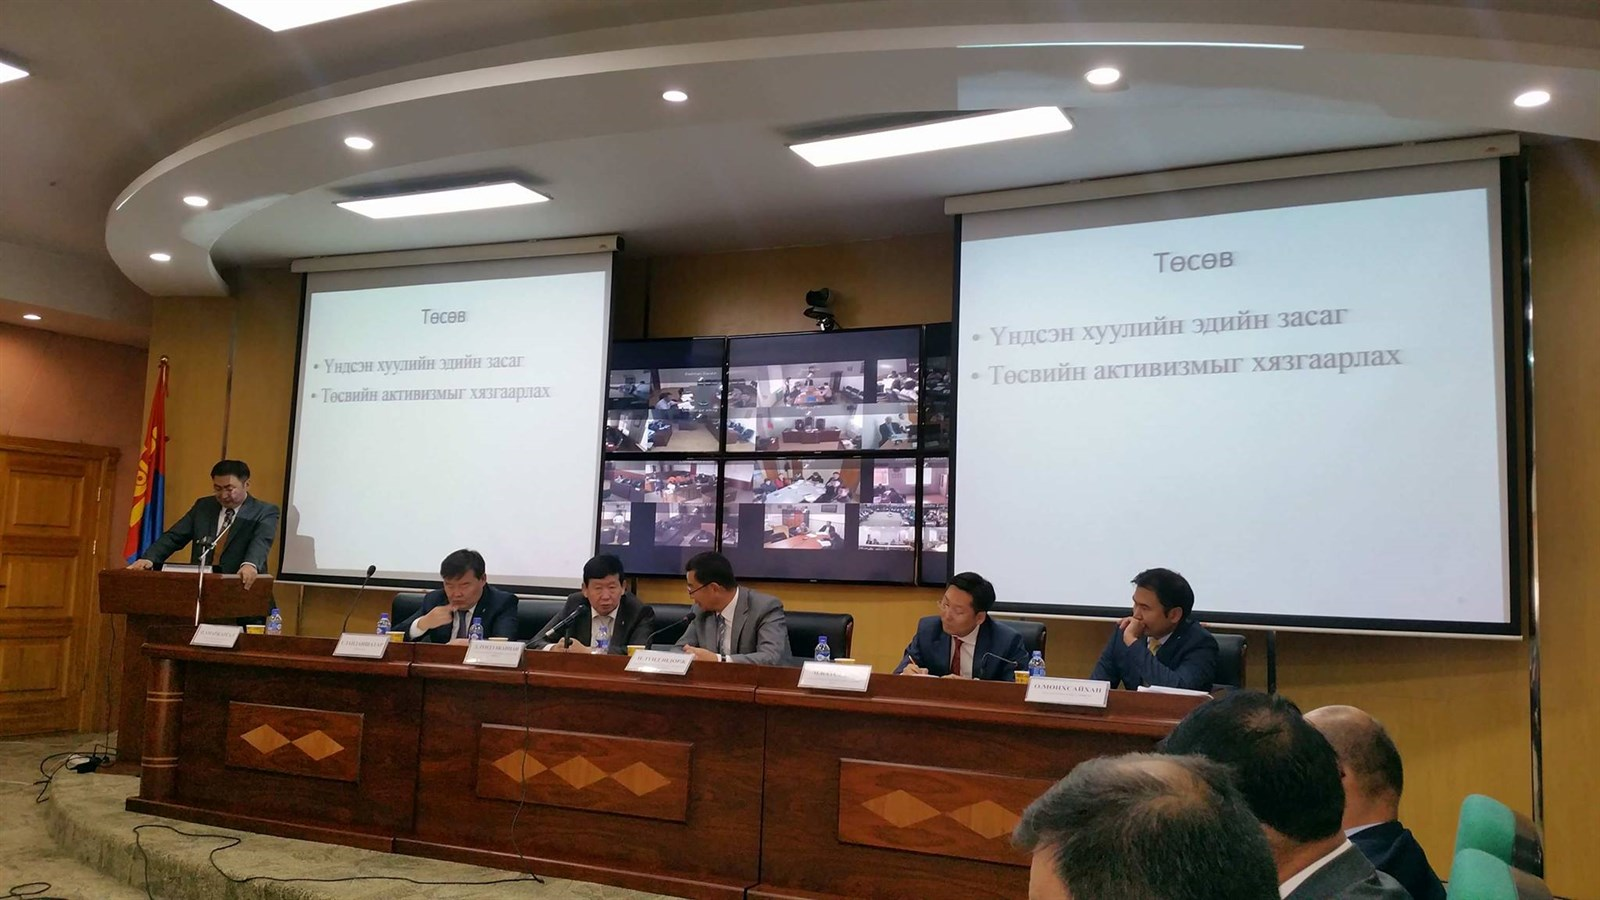 """""""Монгол Улсын Үндсэн хуульд оруулах нэмэлт, өөрчлөлтийн төсөл ба шүүх эрх мэдэл"""" сэдэвт хэлэлцүүлэг зохион байгуулав"""